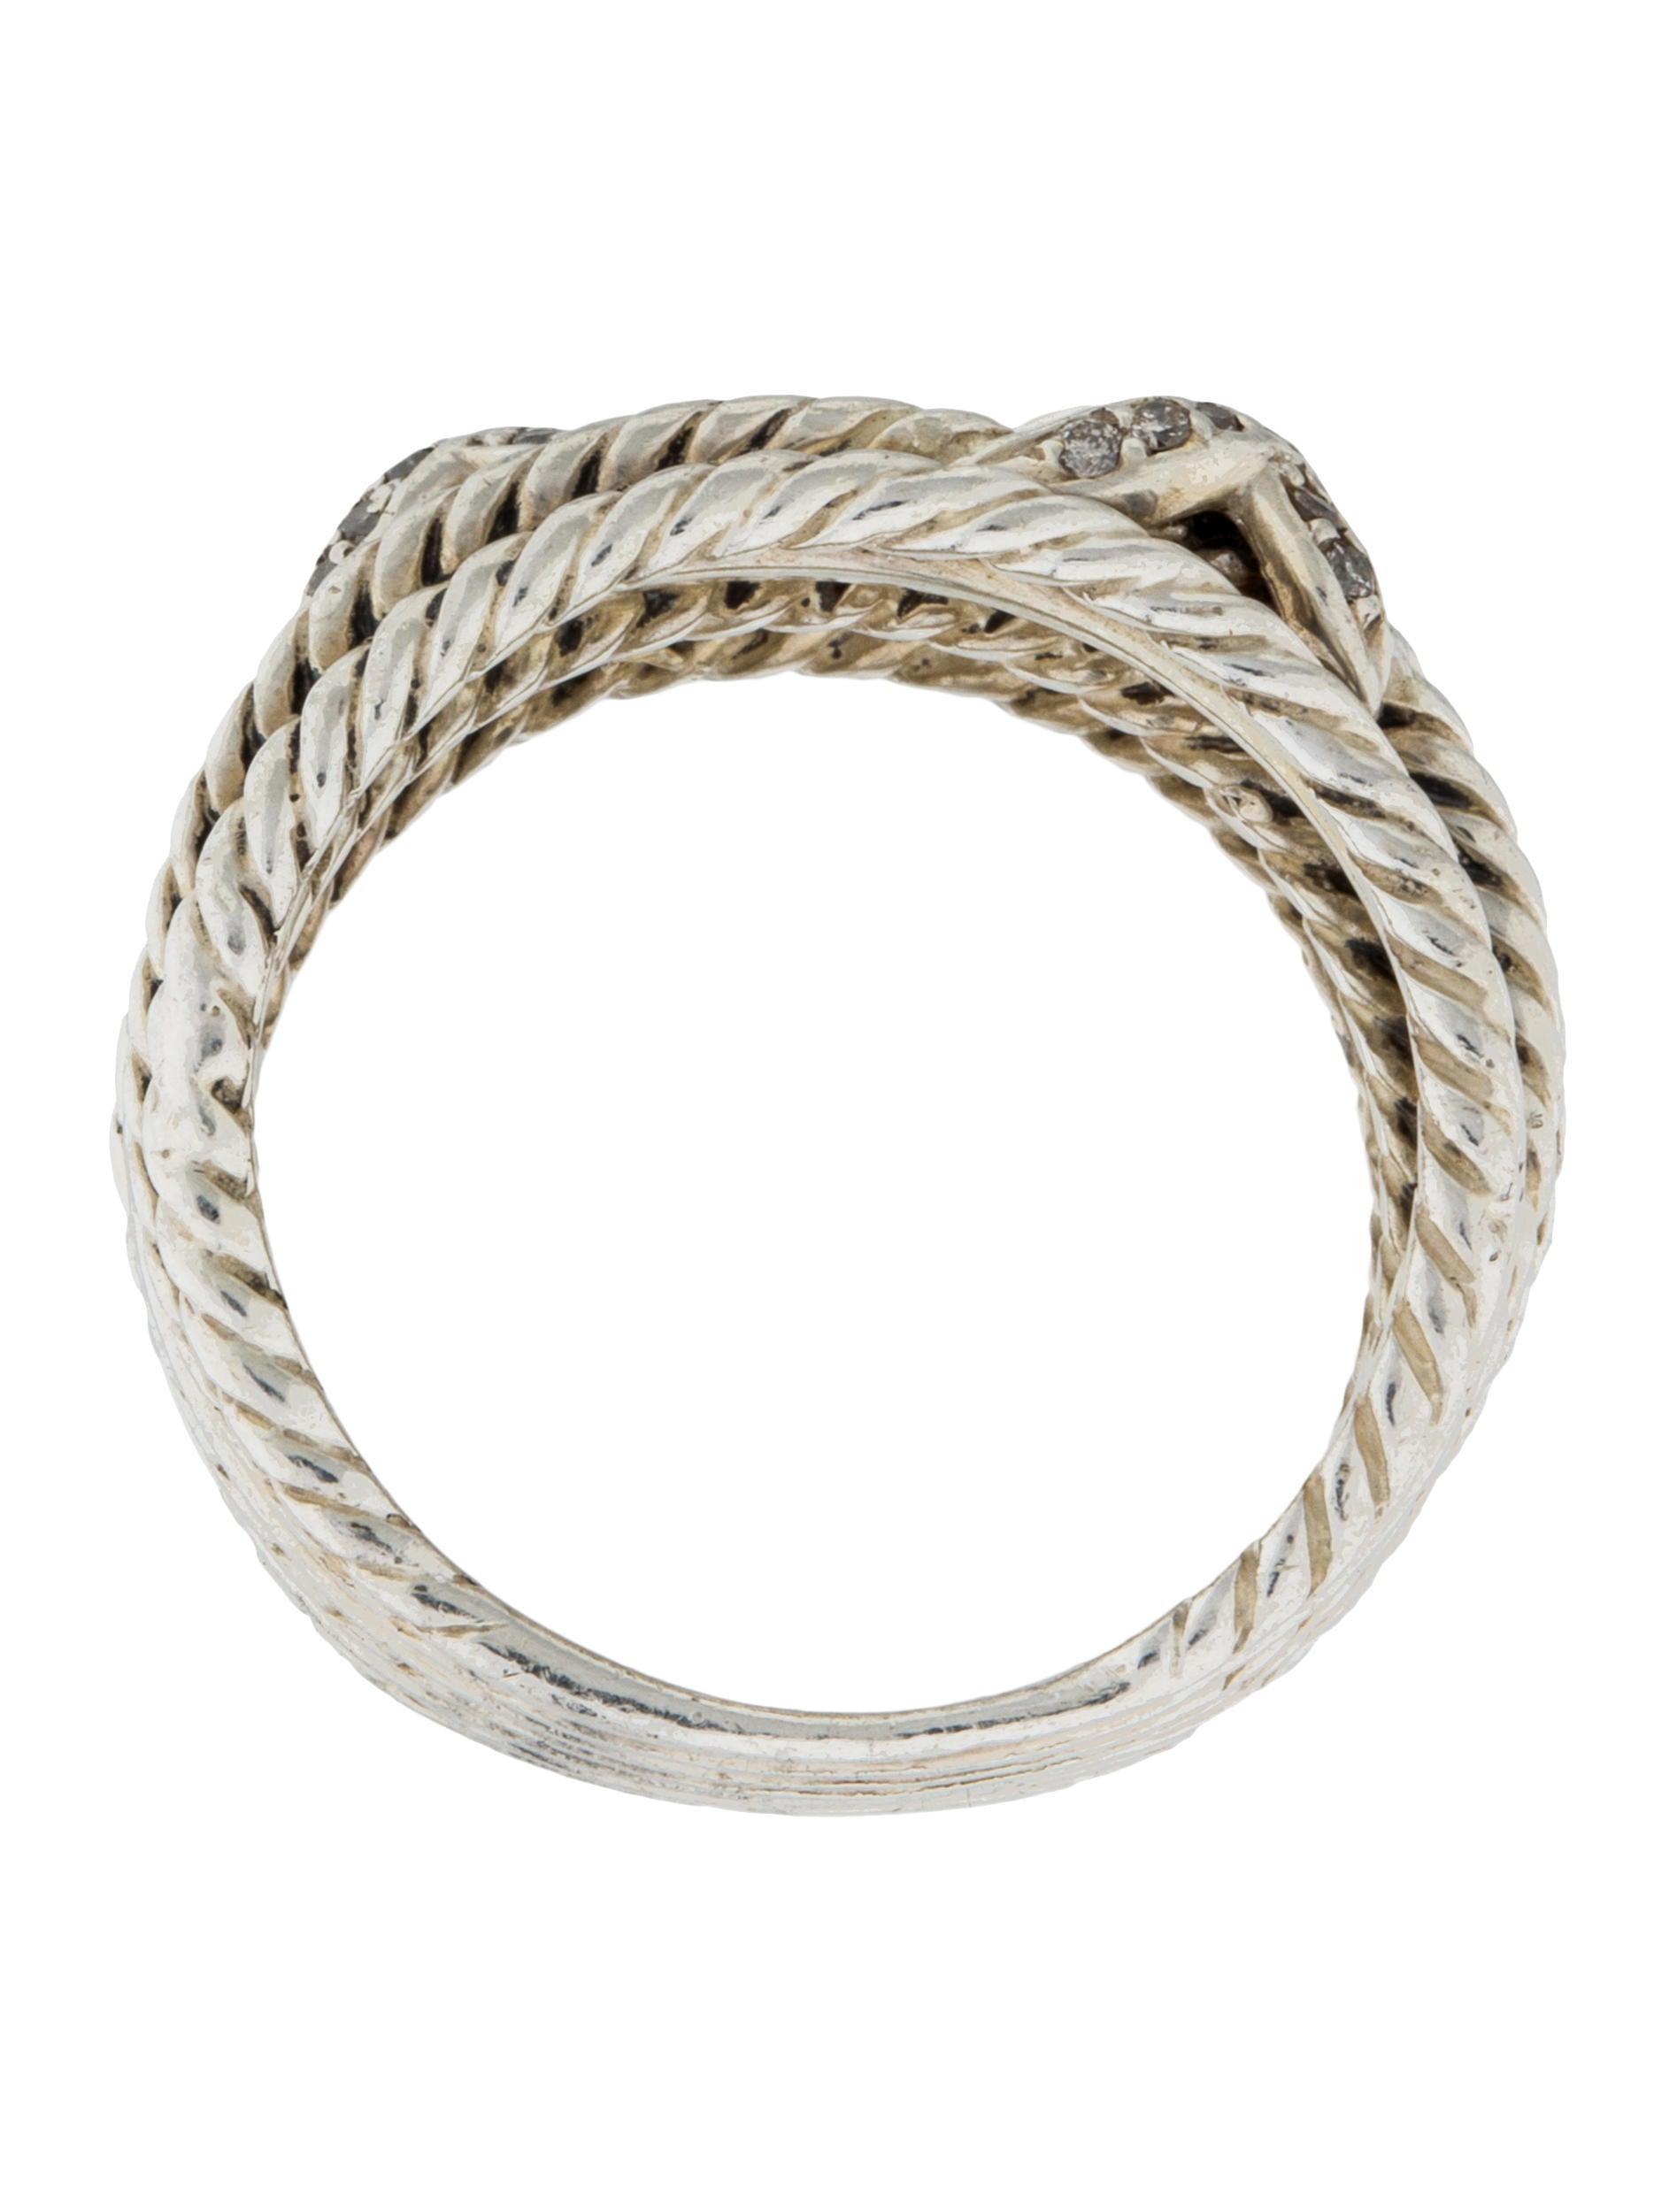 david yurman x crossover ring rings